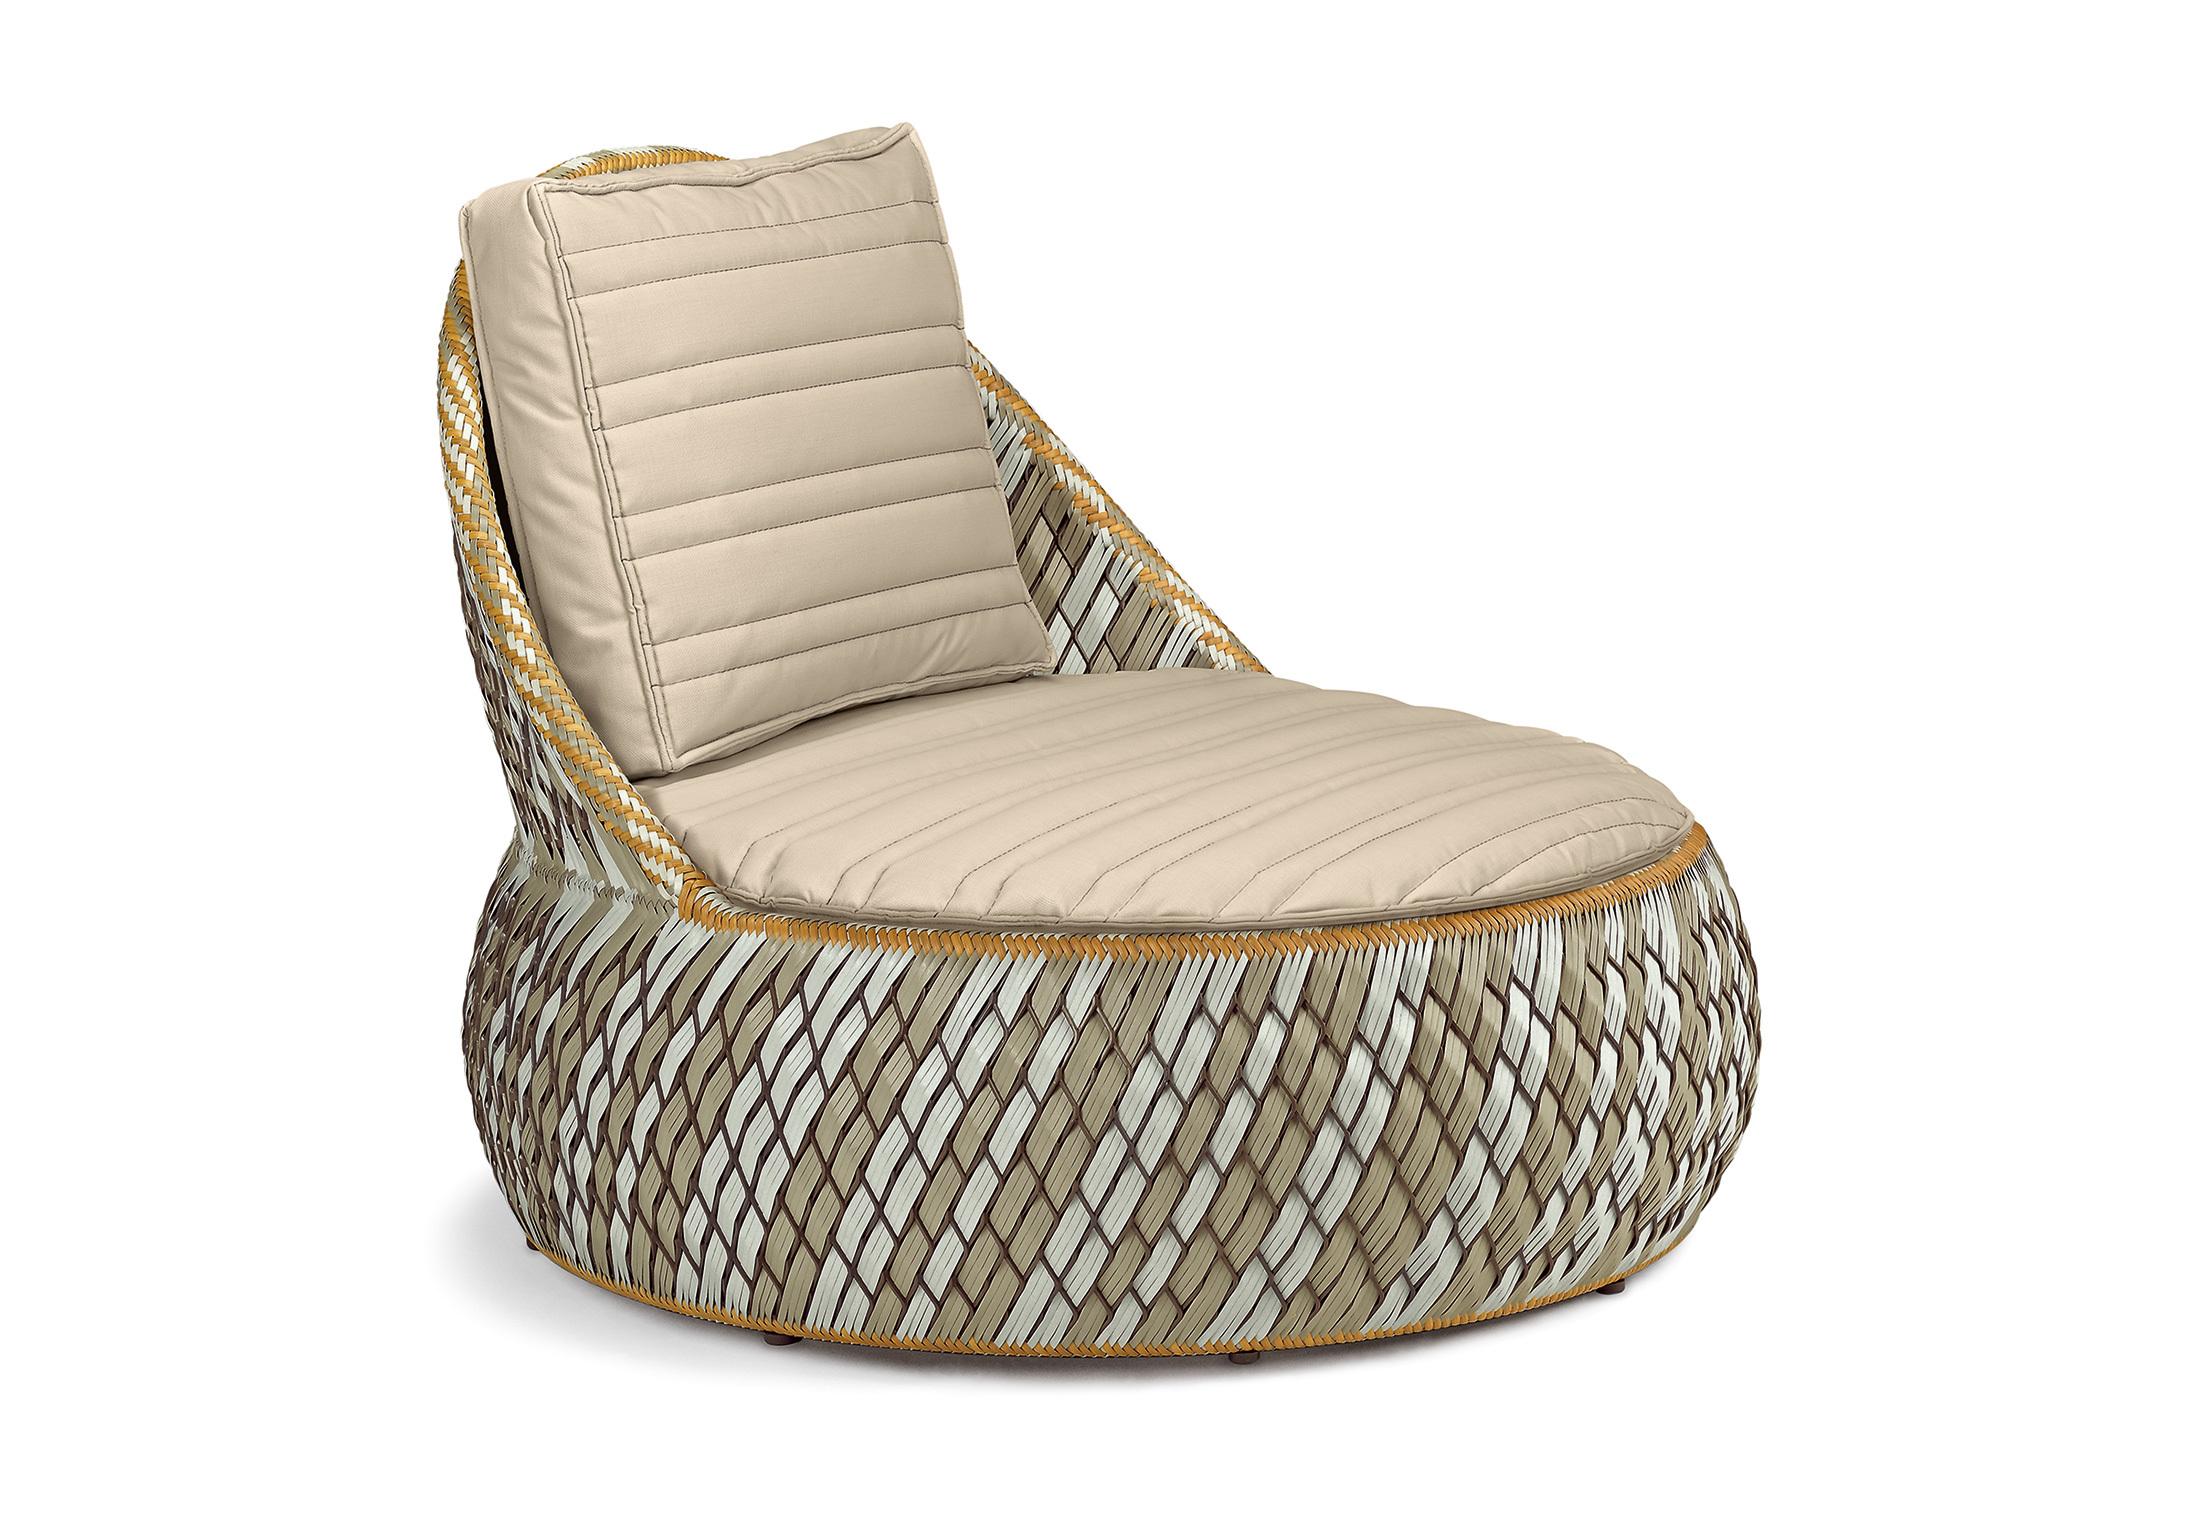 Pleasant Dala Lounge Chair By Dedon Stylepark Short Links Chair Design For Home Short Linksinfo